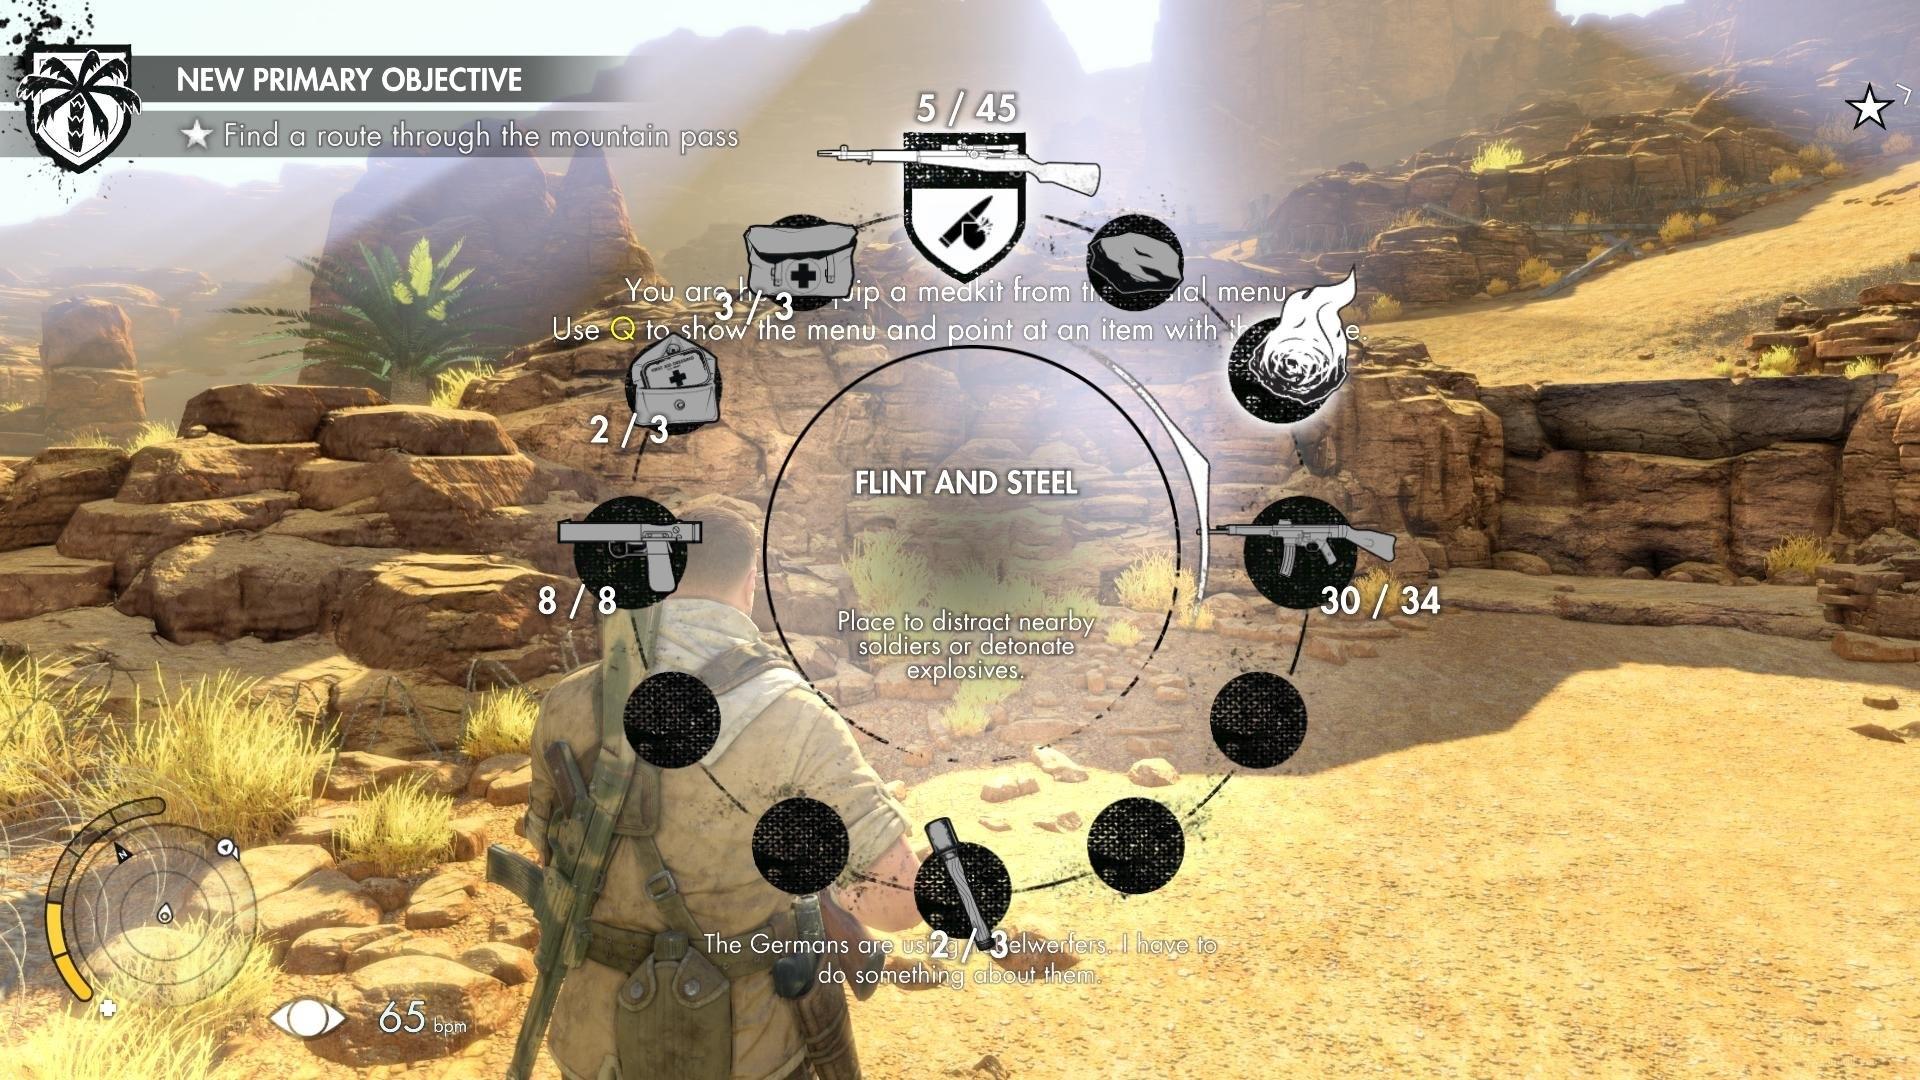 Sniper elite 3 online matchmaking